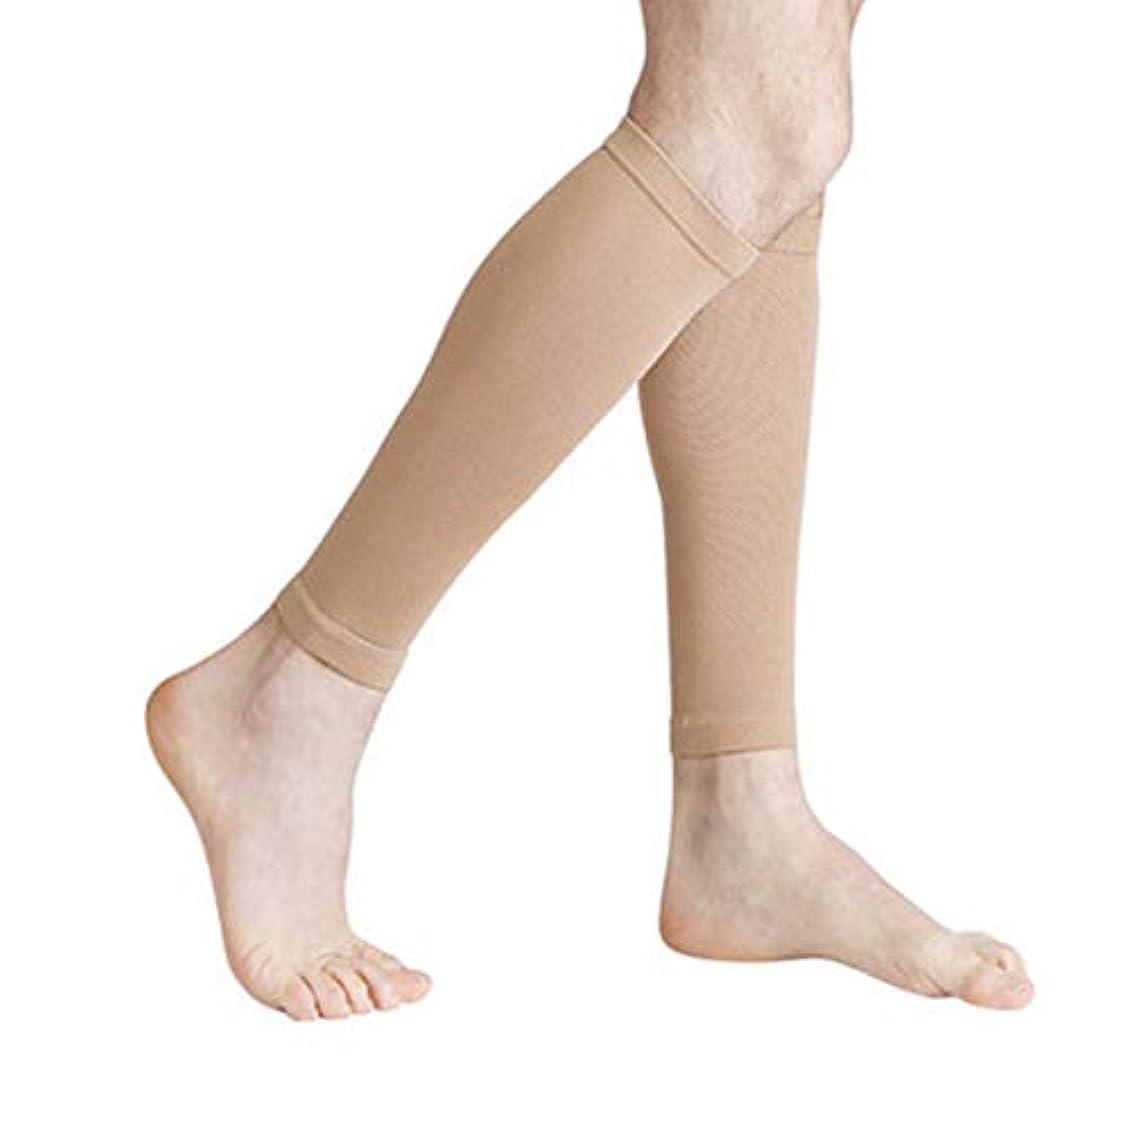 写真を描くどきどき劇場丈夫な男性女性プロの圧縮靴下通気性のある旅行活動看護師用シントスプリントフライトトラベル - 肌色